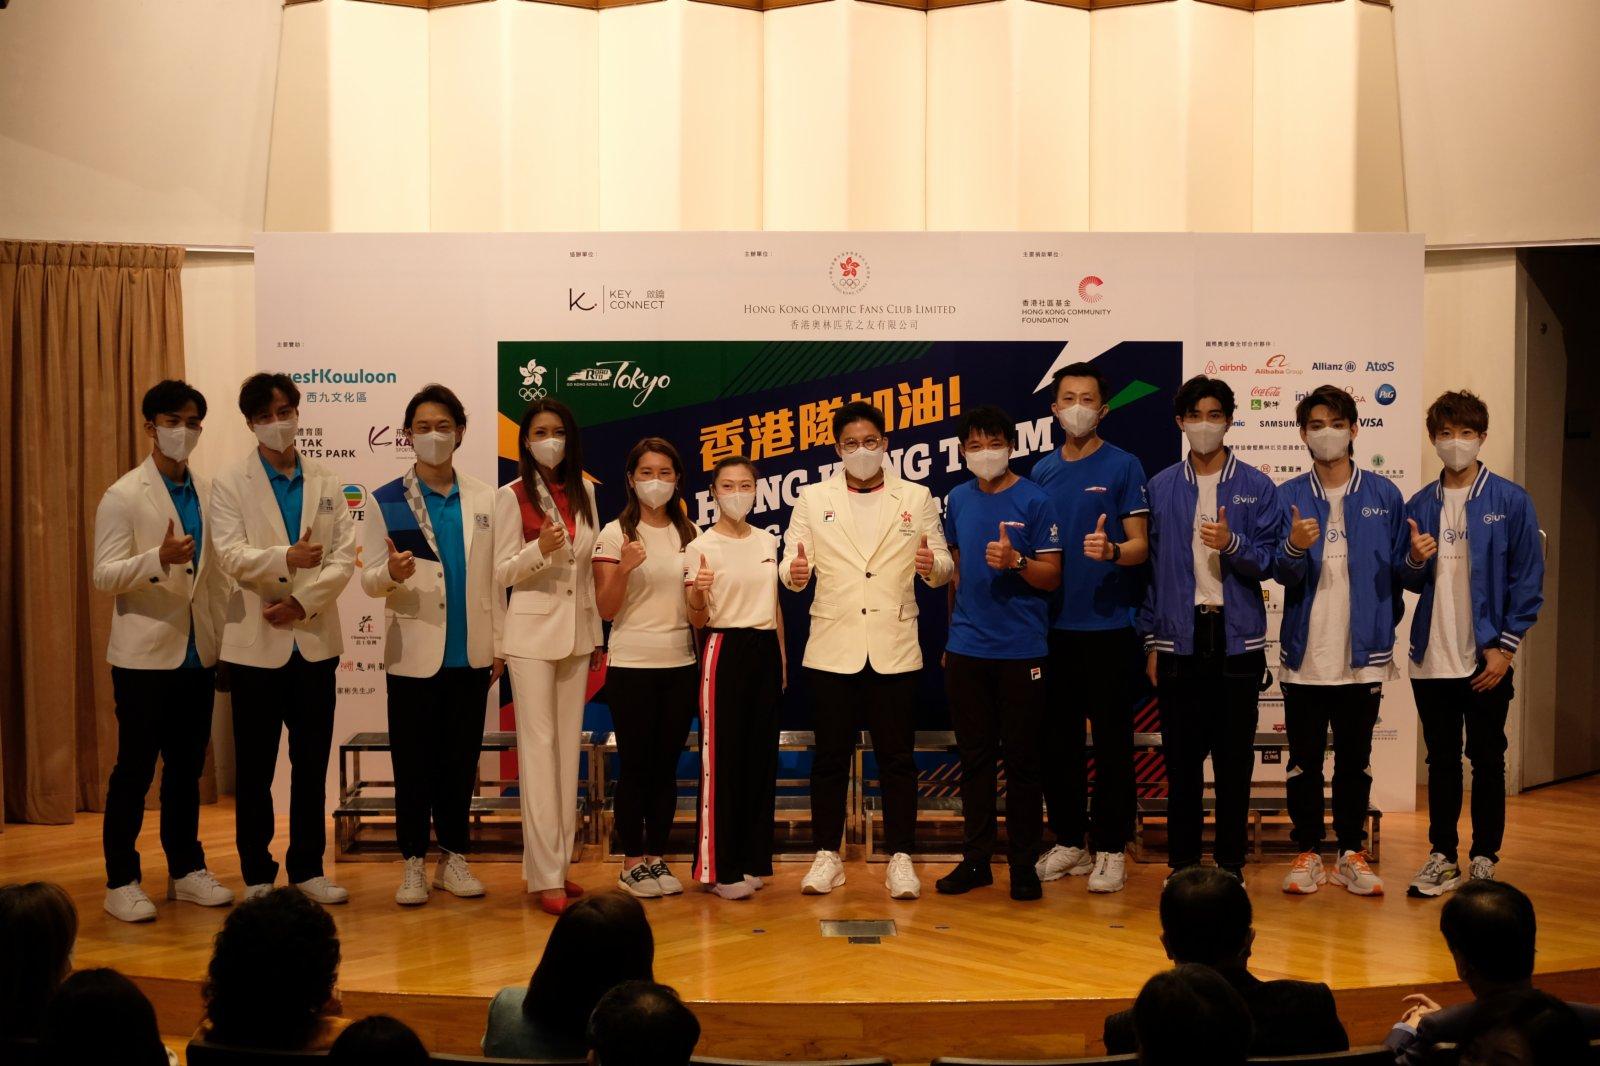 香港奧林匹克之友主席霍啟剛與出席活動的藝人及運動員合影。(大公文匯全媒體記者麥俊傑攝)